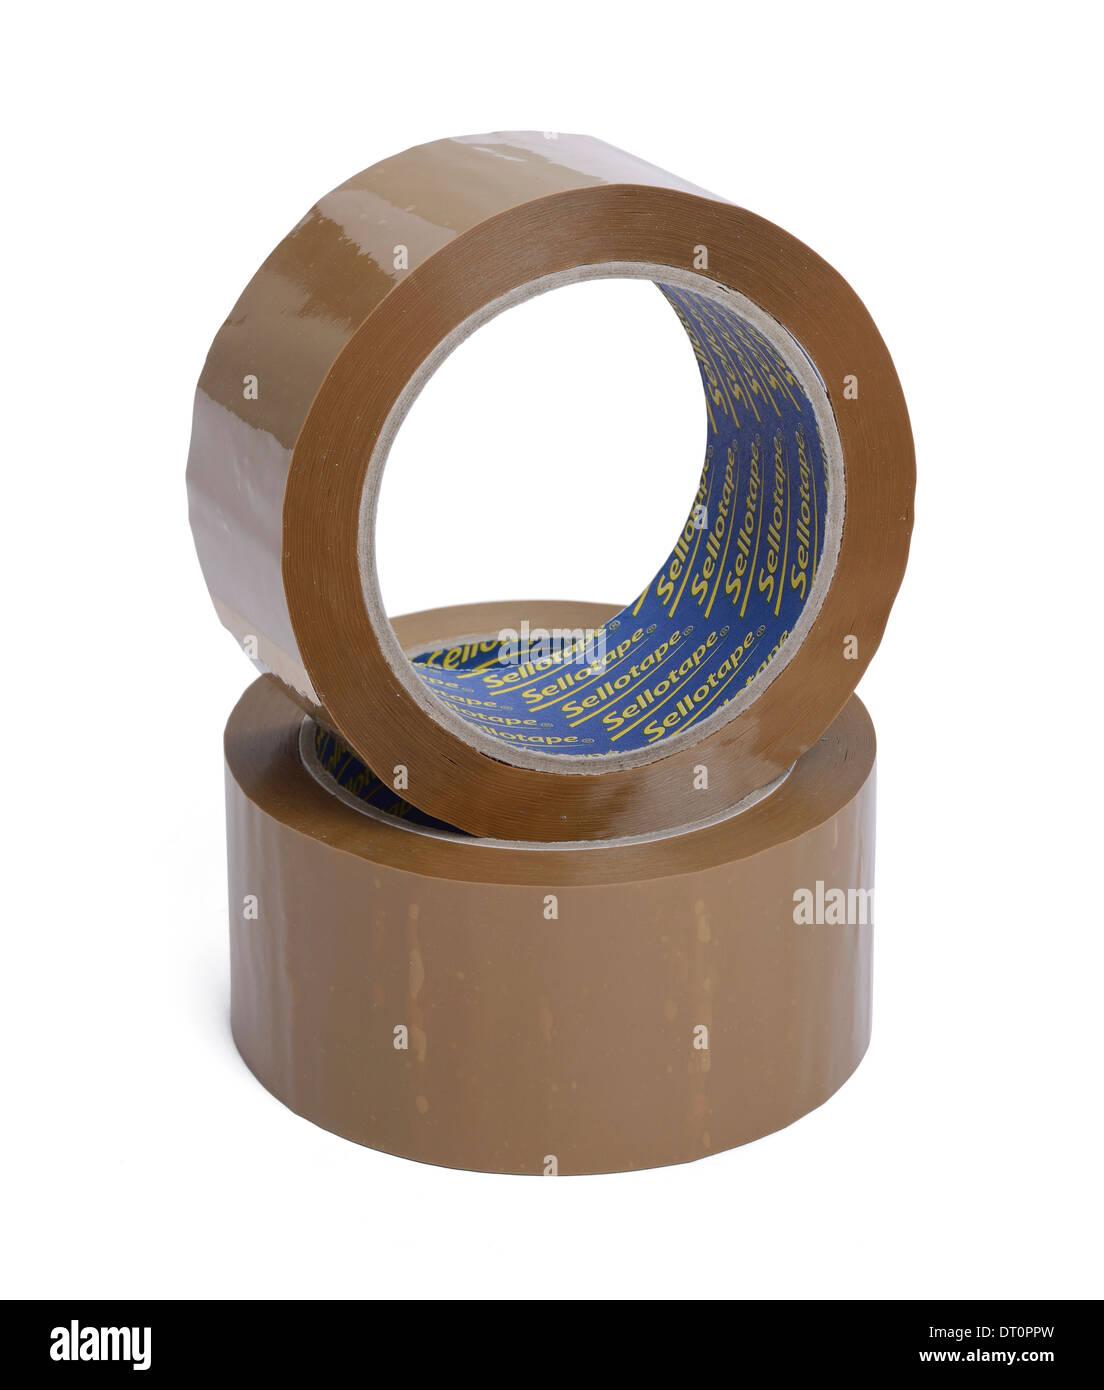 Deux rouleaux de ruban adhésif brun parcelle Photo Stock